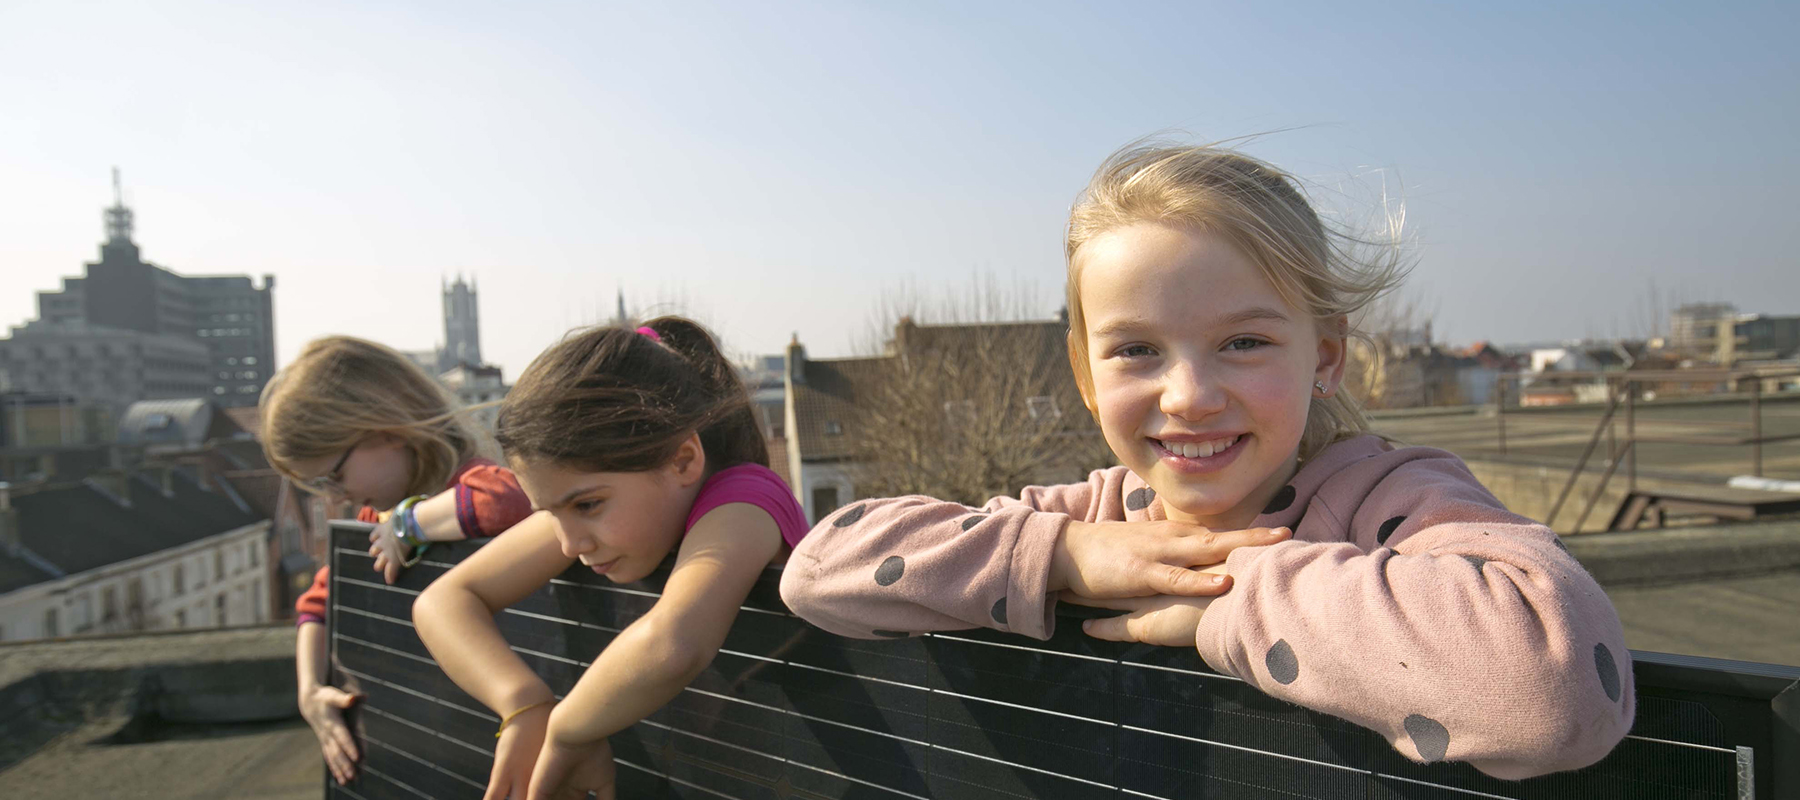 Ik plaatste reeds voor 2021 zonnepanelen, wat betekent het verdwijnen van de terugdraaiende teller voor mij?